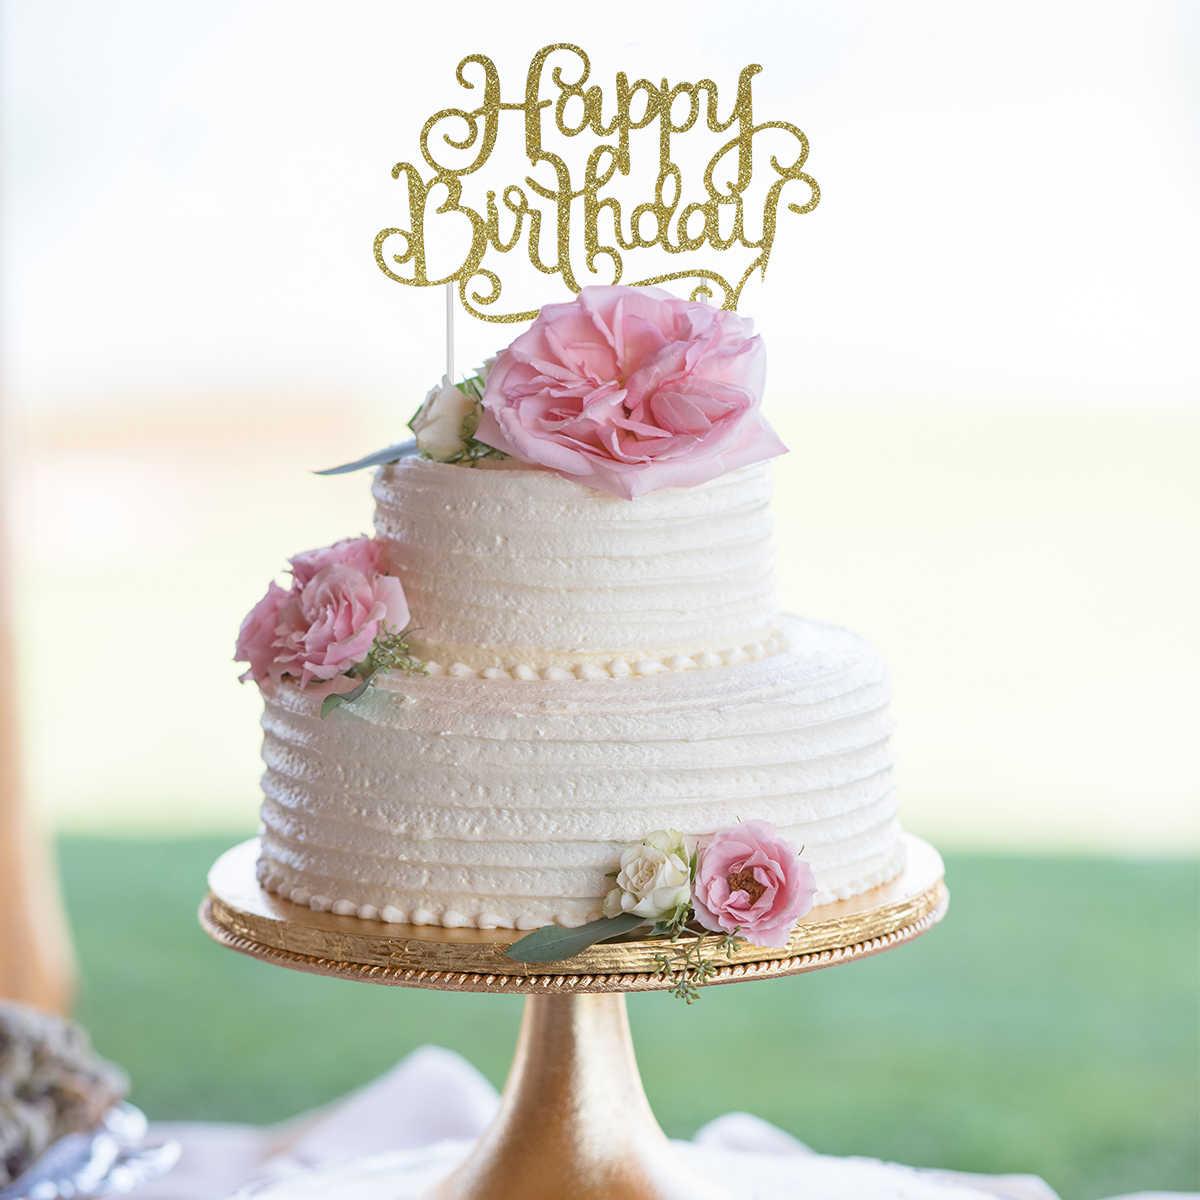 Phenomenal 10Pcs Glitter Happy Birthday Cake Topper Alternative Party Funny Birthday Cards Online Fluifree Goldxyz